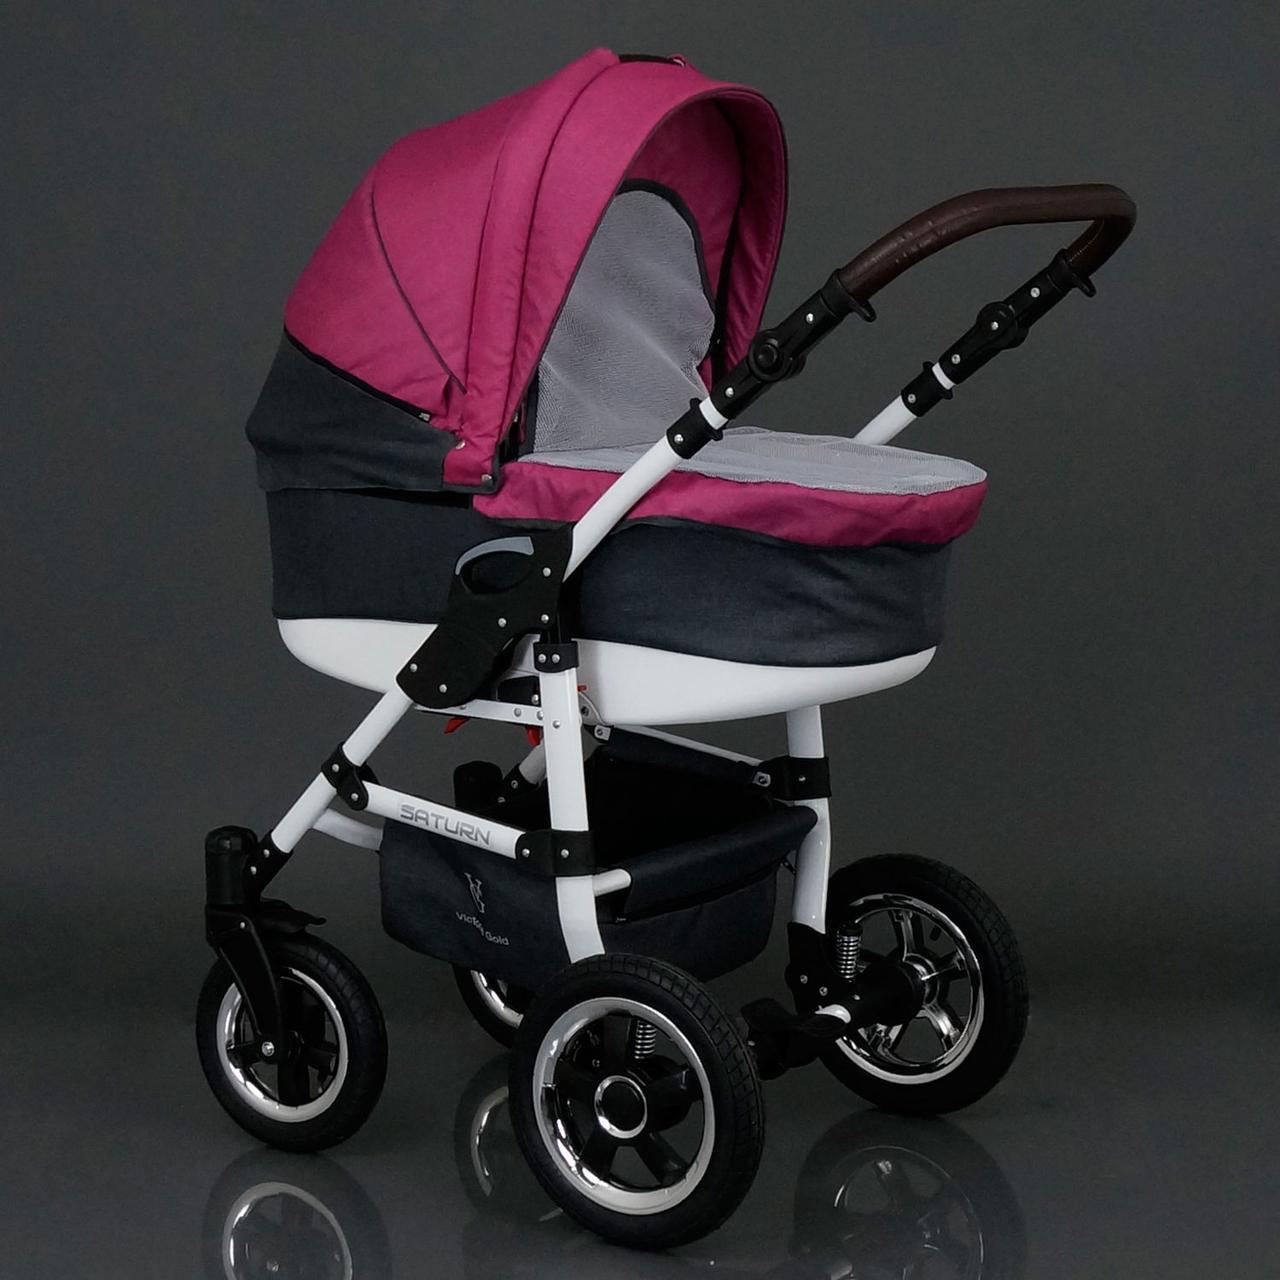 Коляска для детей Saturn № 0186-L21 Серый с розовым,